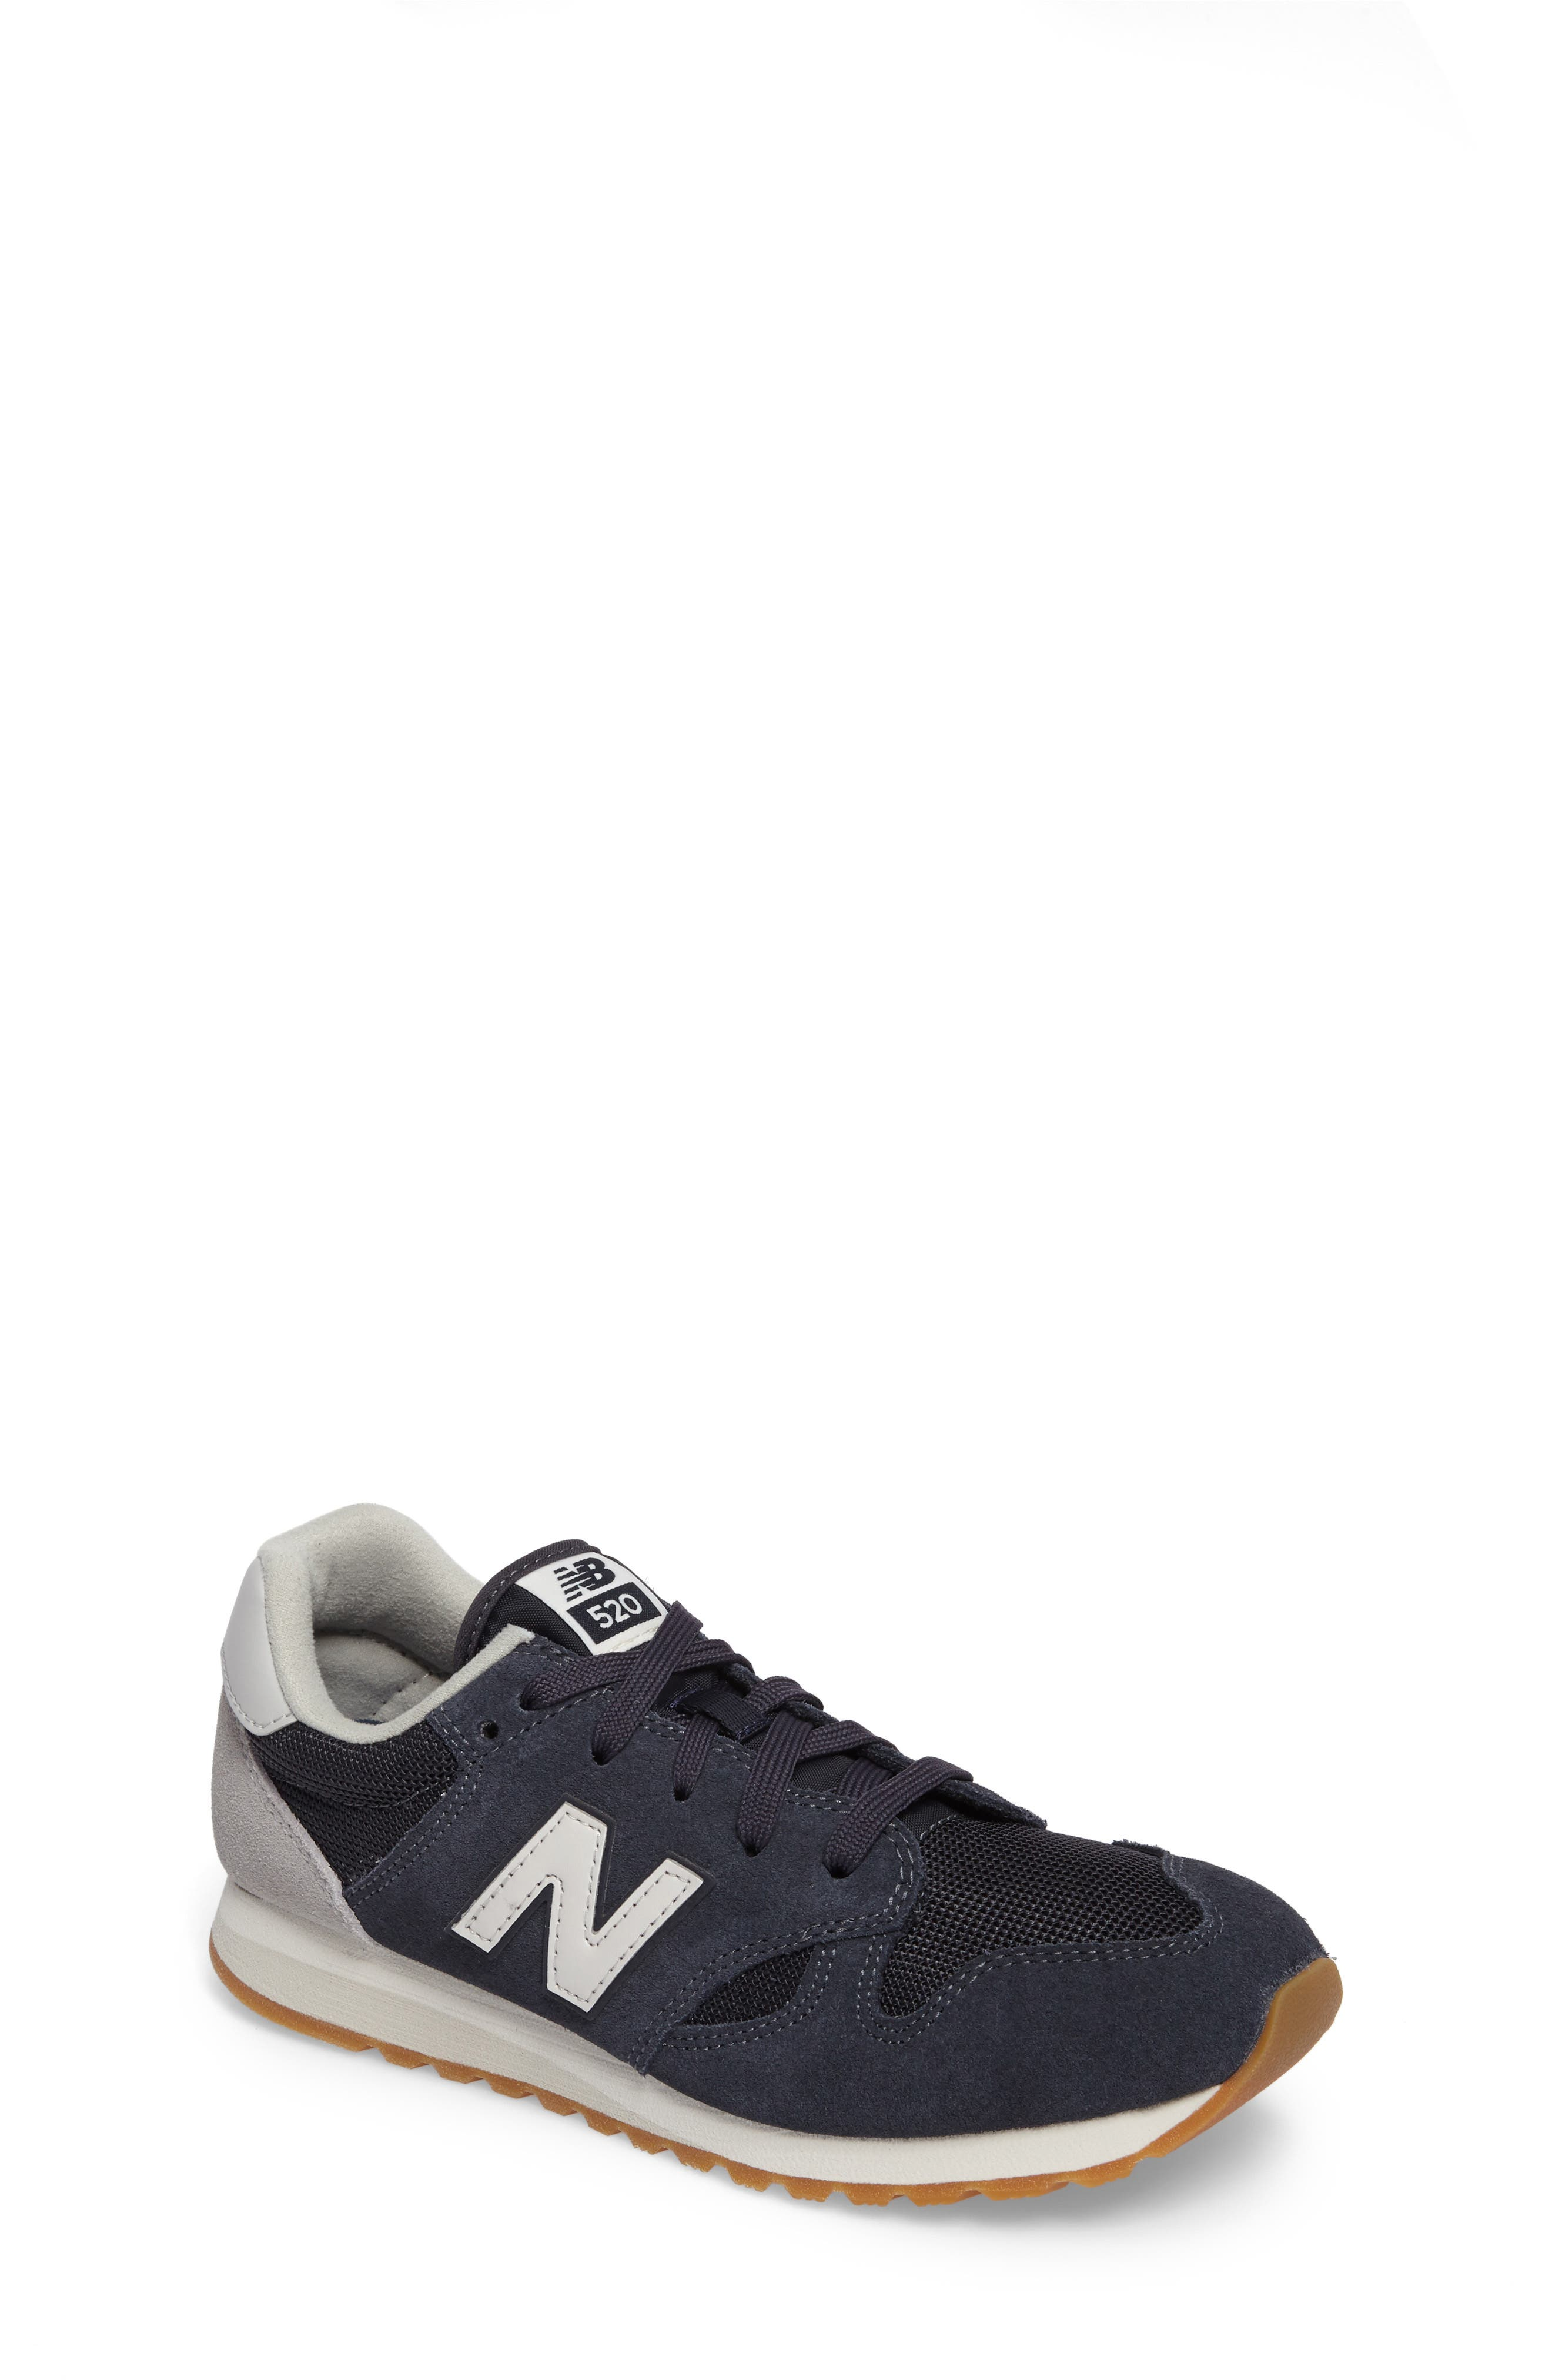 New Balance 520 v4 Sneaker (Toddler, Little Kid & Big Kid)